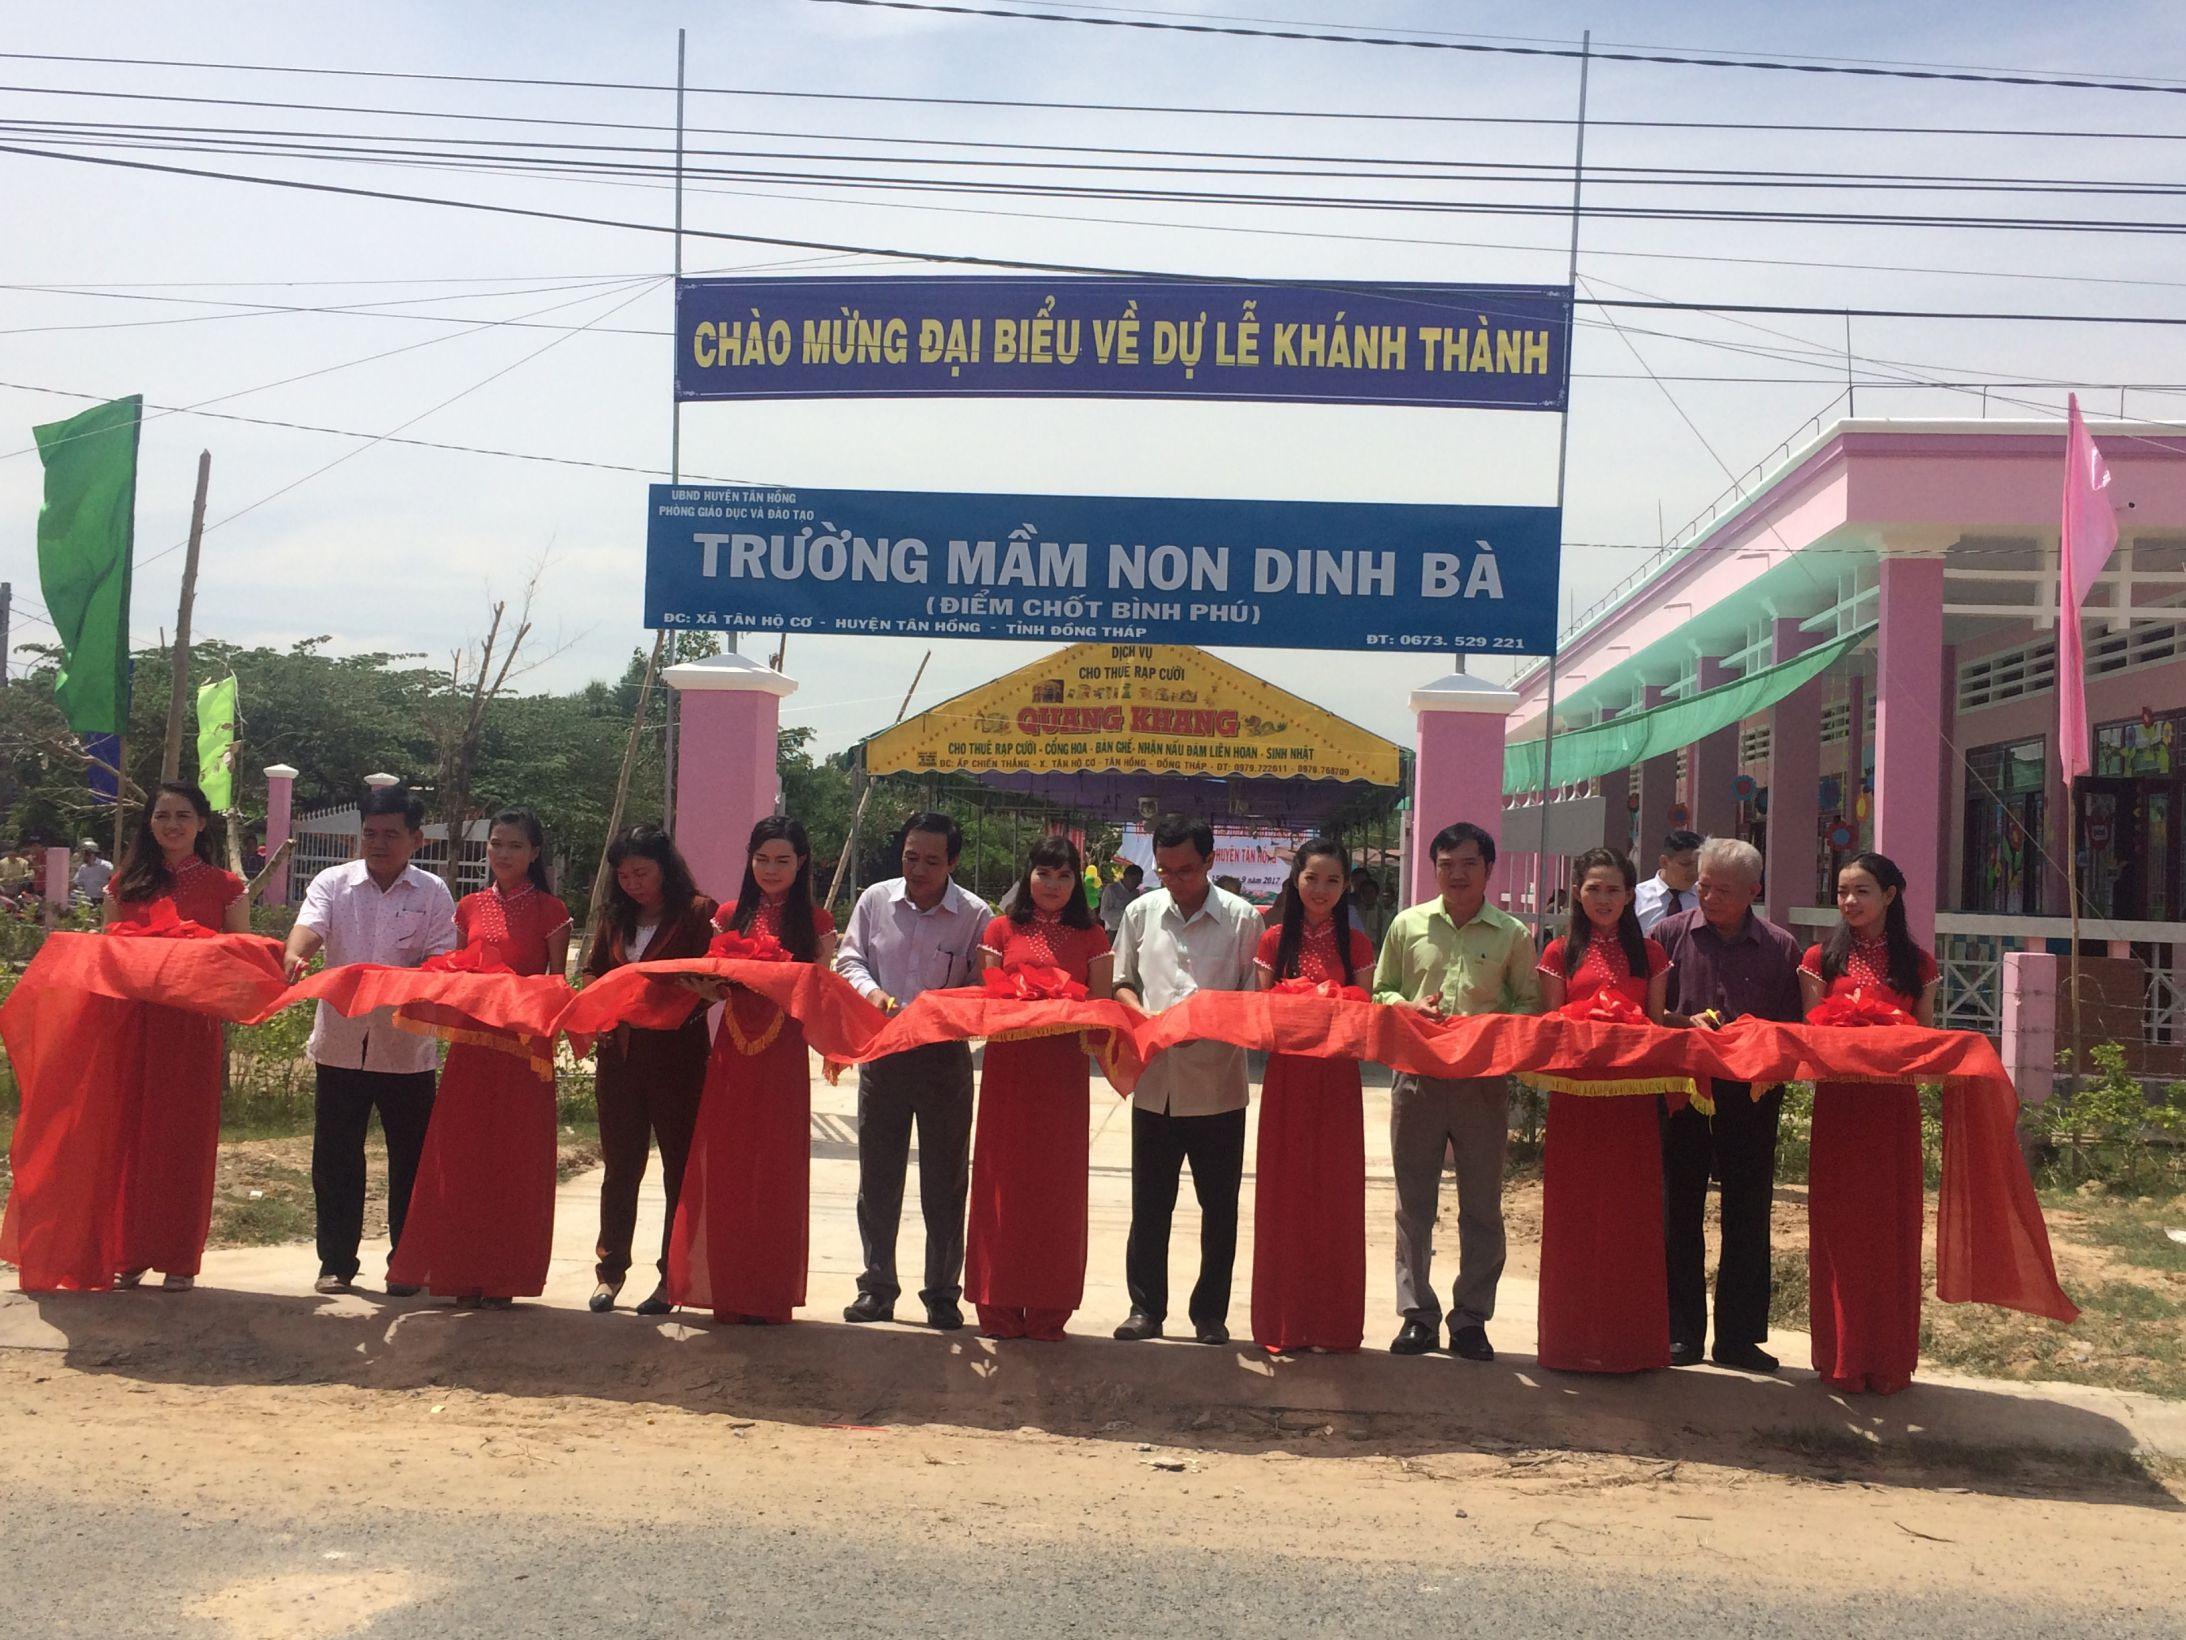 Khánh thành trường Mầm non Dinh Bà - Đồng Tháp